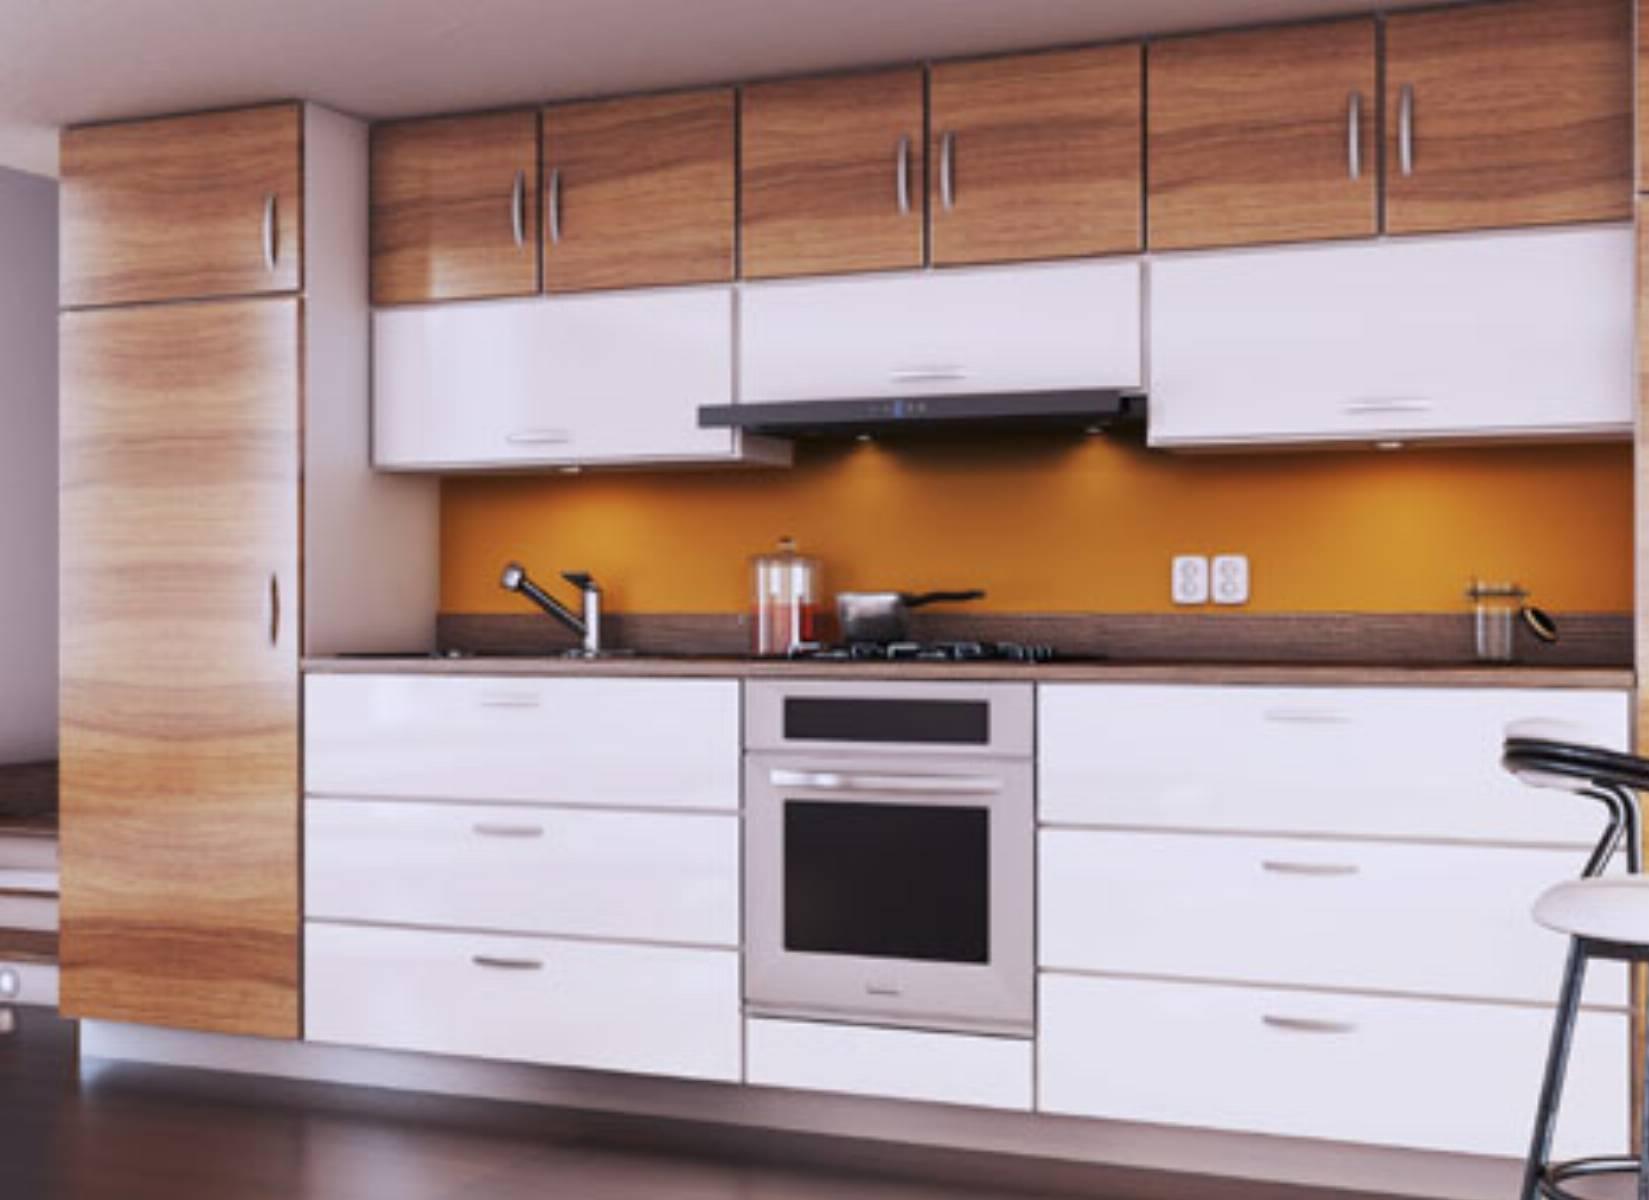 8 Metrów Kwadratowych Radzimy Jak Urządzić Małą Kuchnię